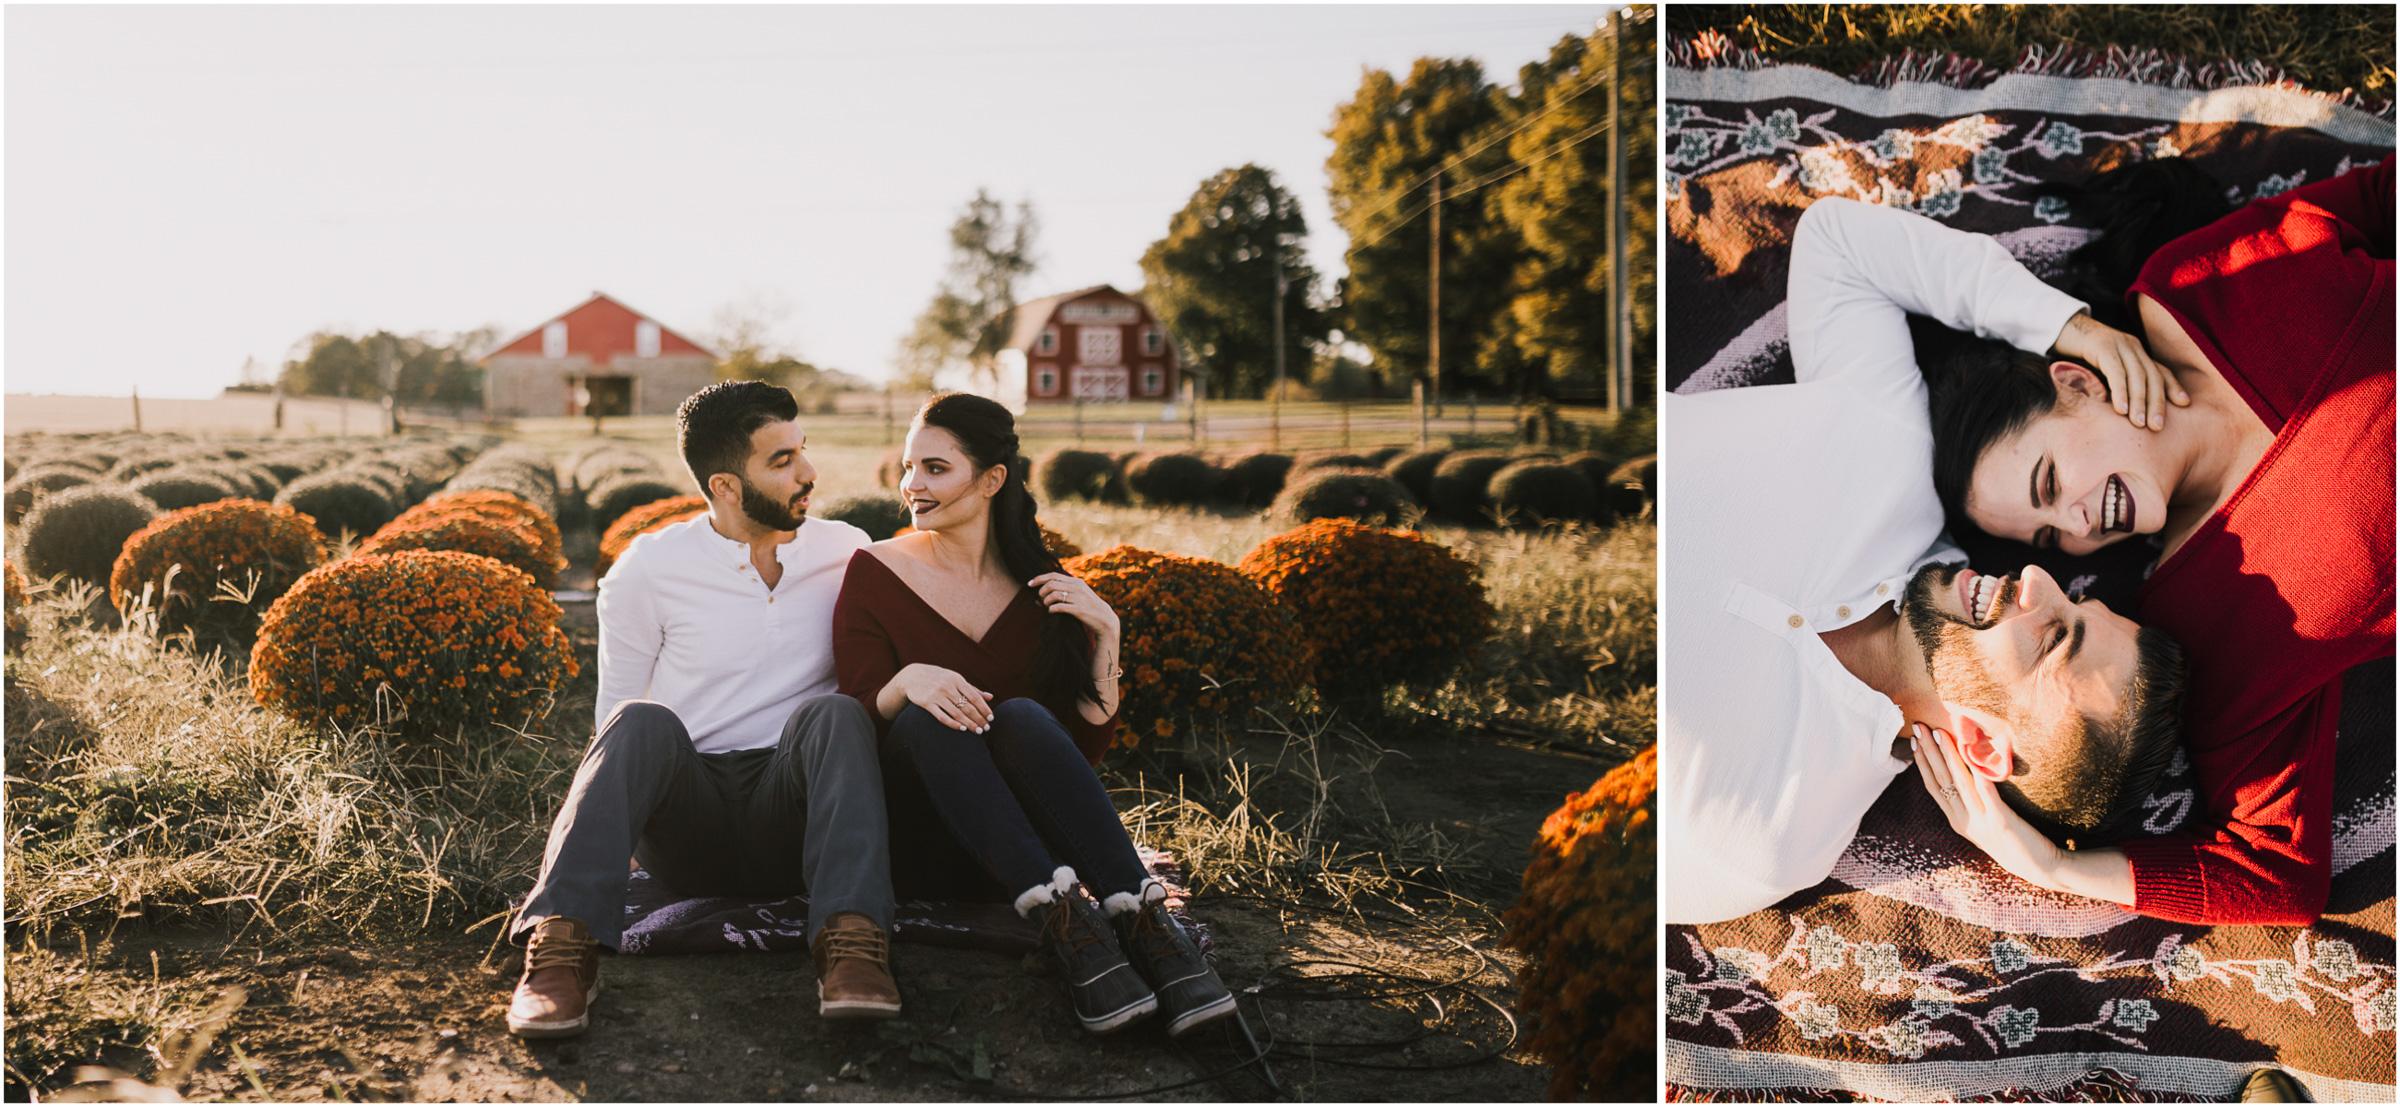 alyssa barletter photography fall pumpkin patch engagement photos sunset-3.jpg